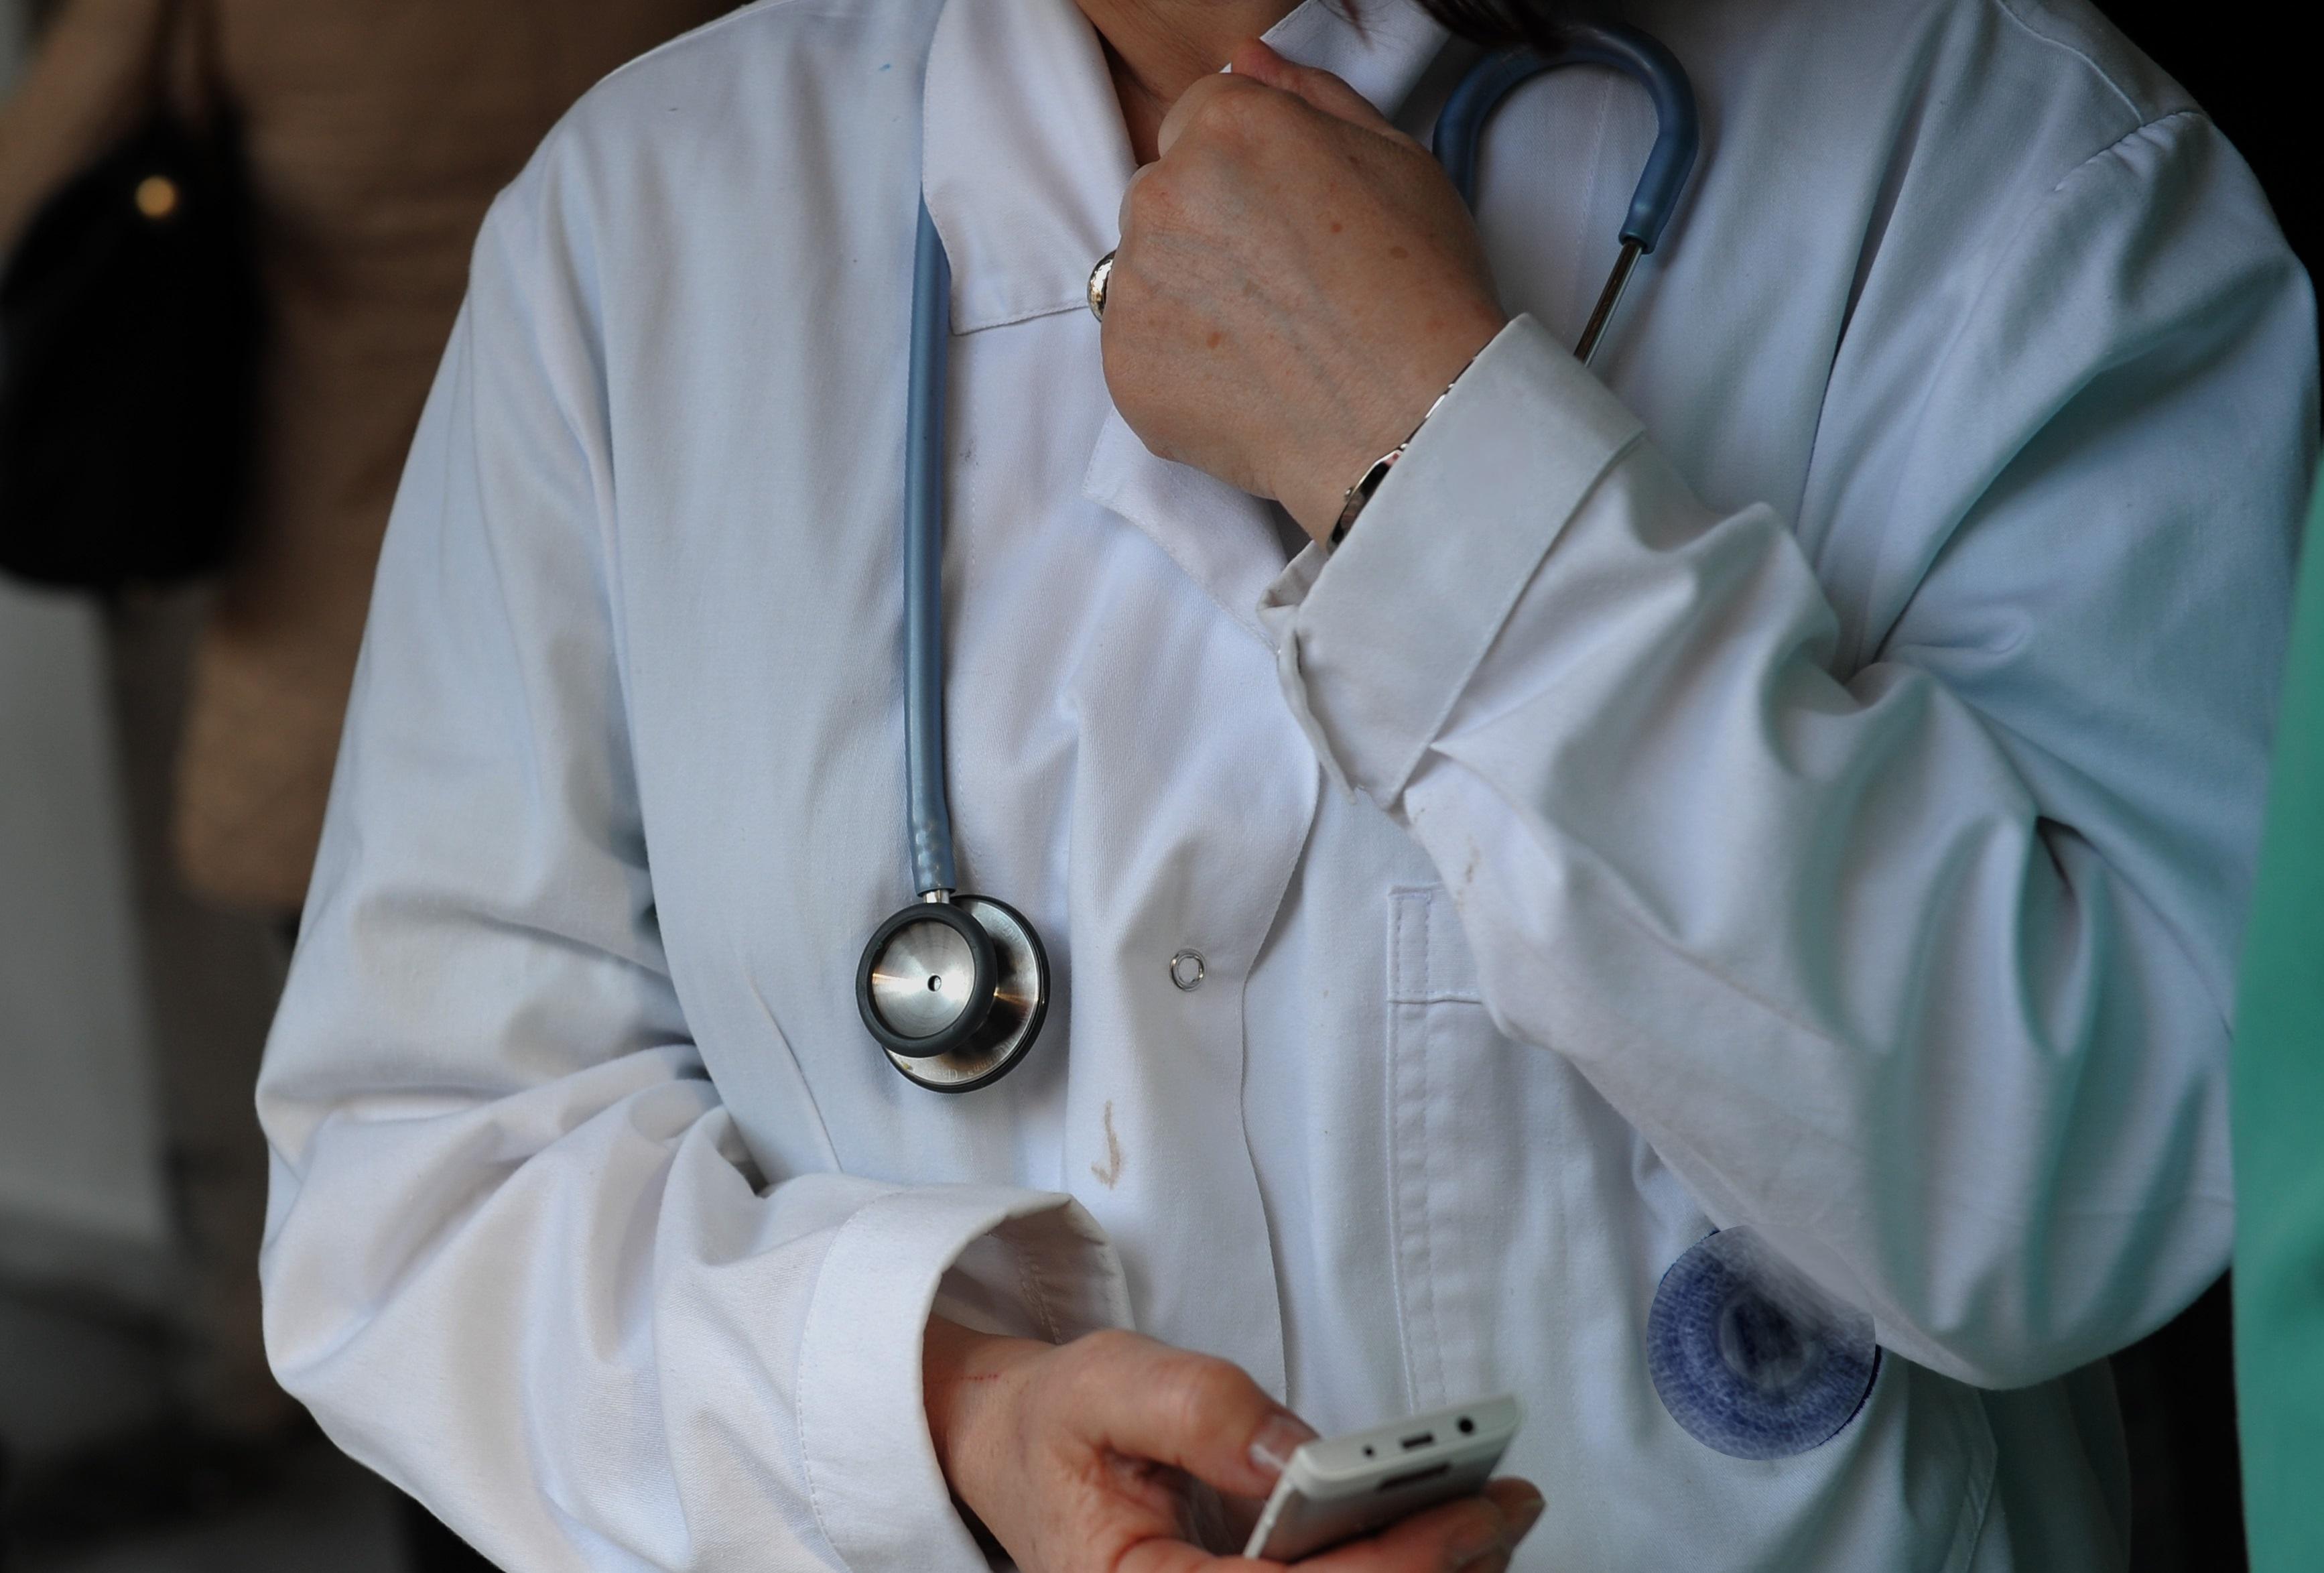 Αλεξανδρούπολη: Πειθαρχική καταδίκη πανεπιστημιακού γιατρού για φακελάκι